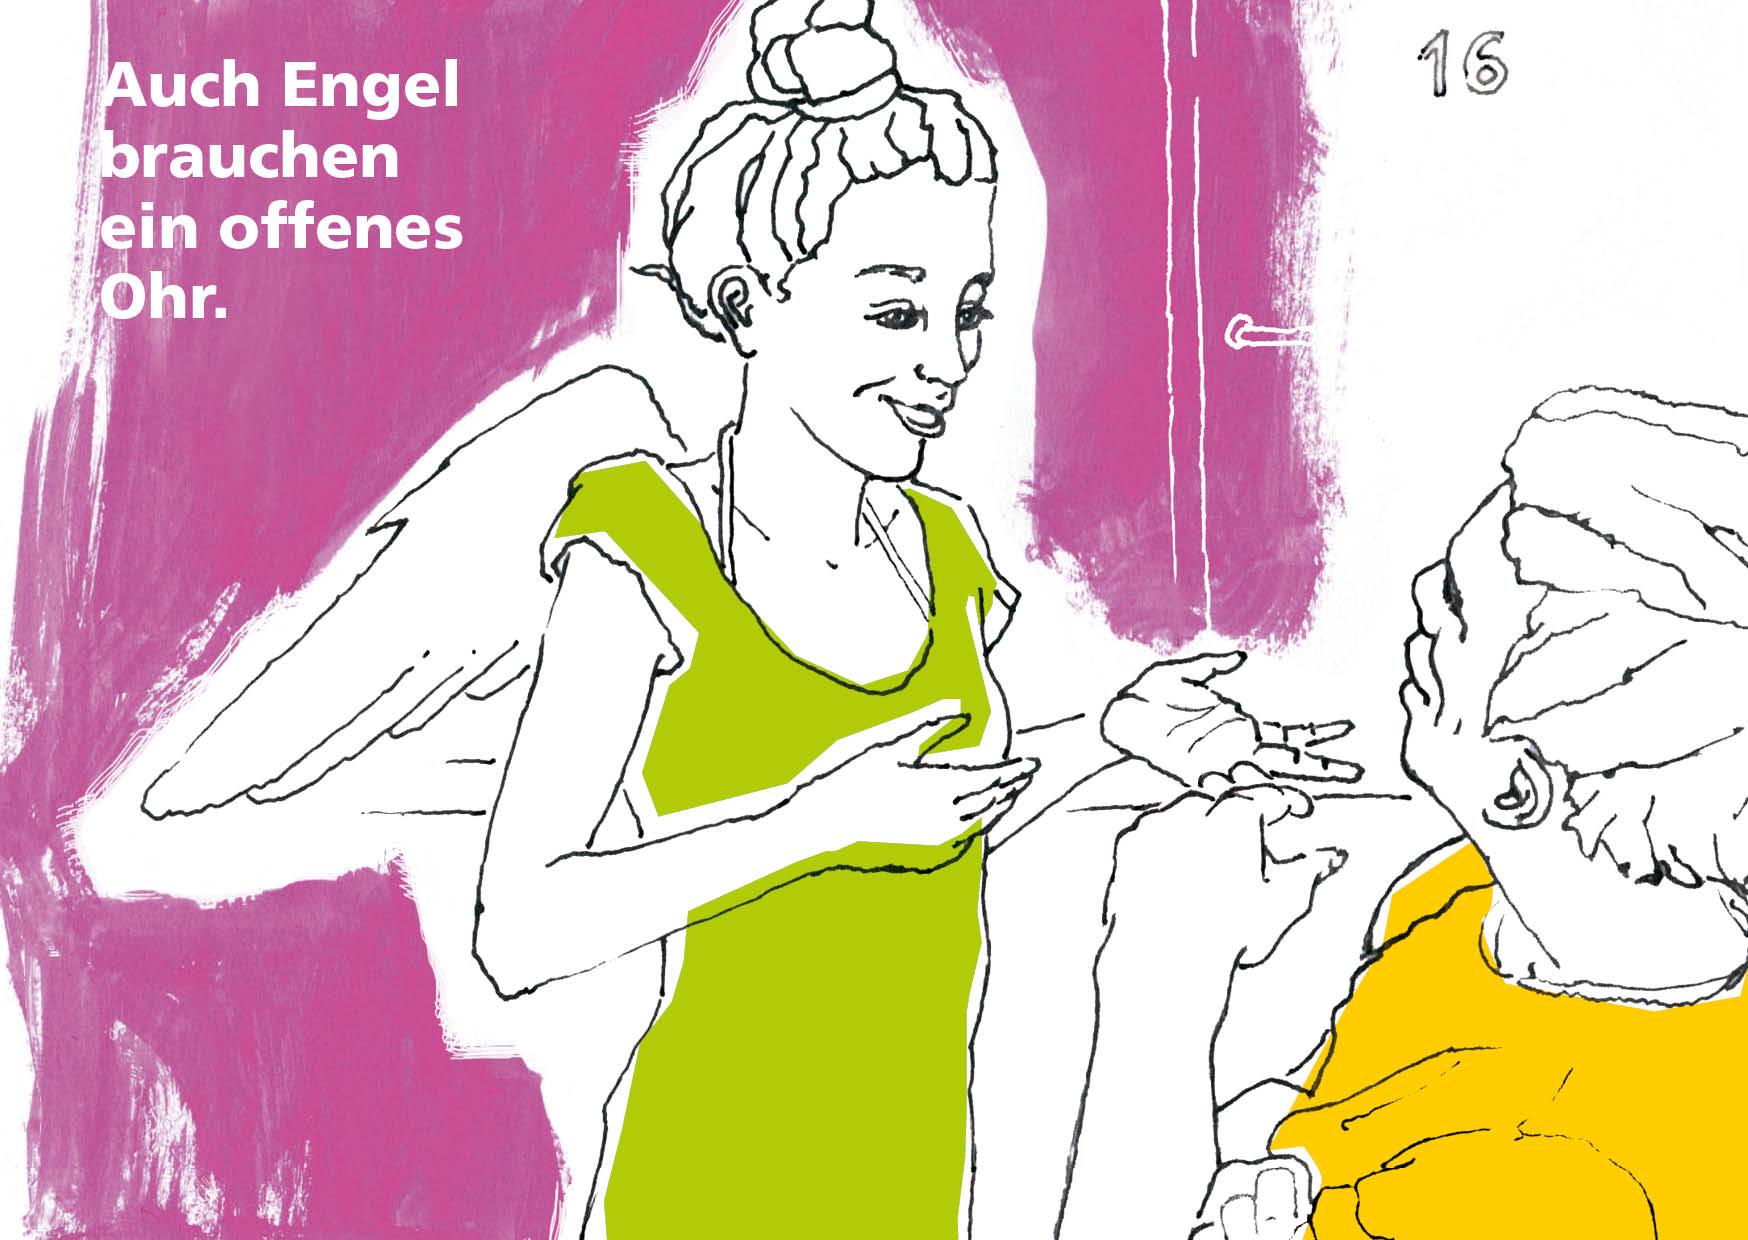 160901_verdi_NRW_Postkarten_Engel brauchen_01